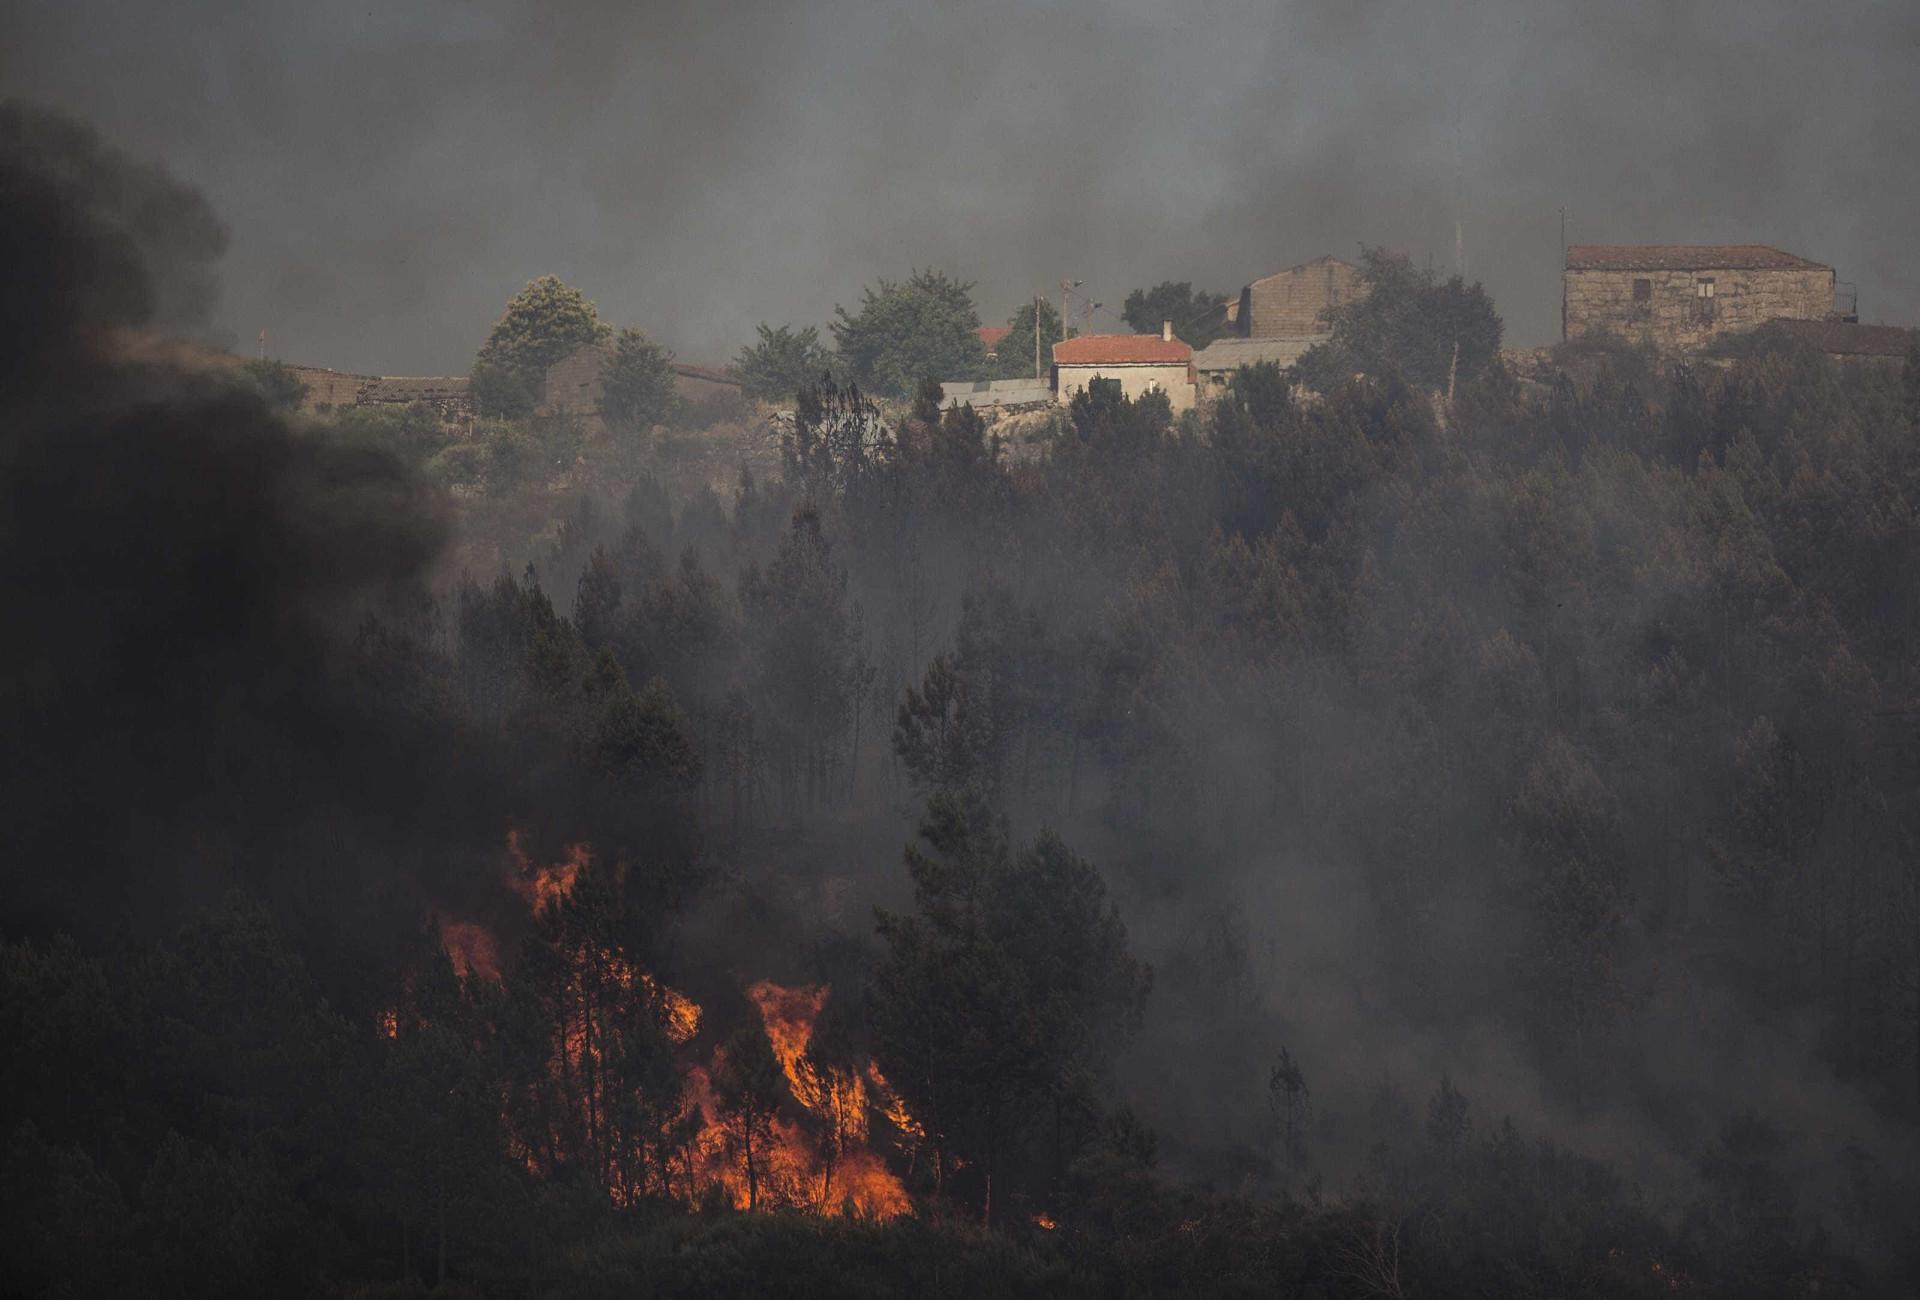 """Alijó: As imagens do fogo """"preocupante"""" que 'renasceu das cinzas'"""